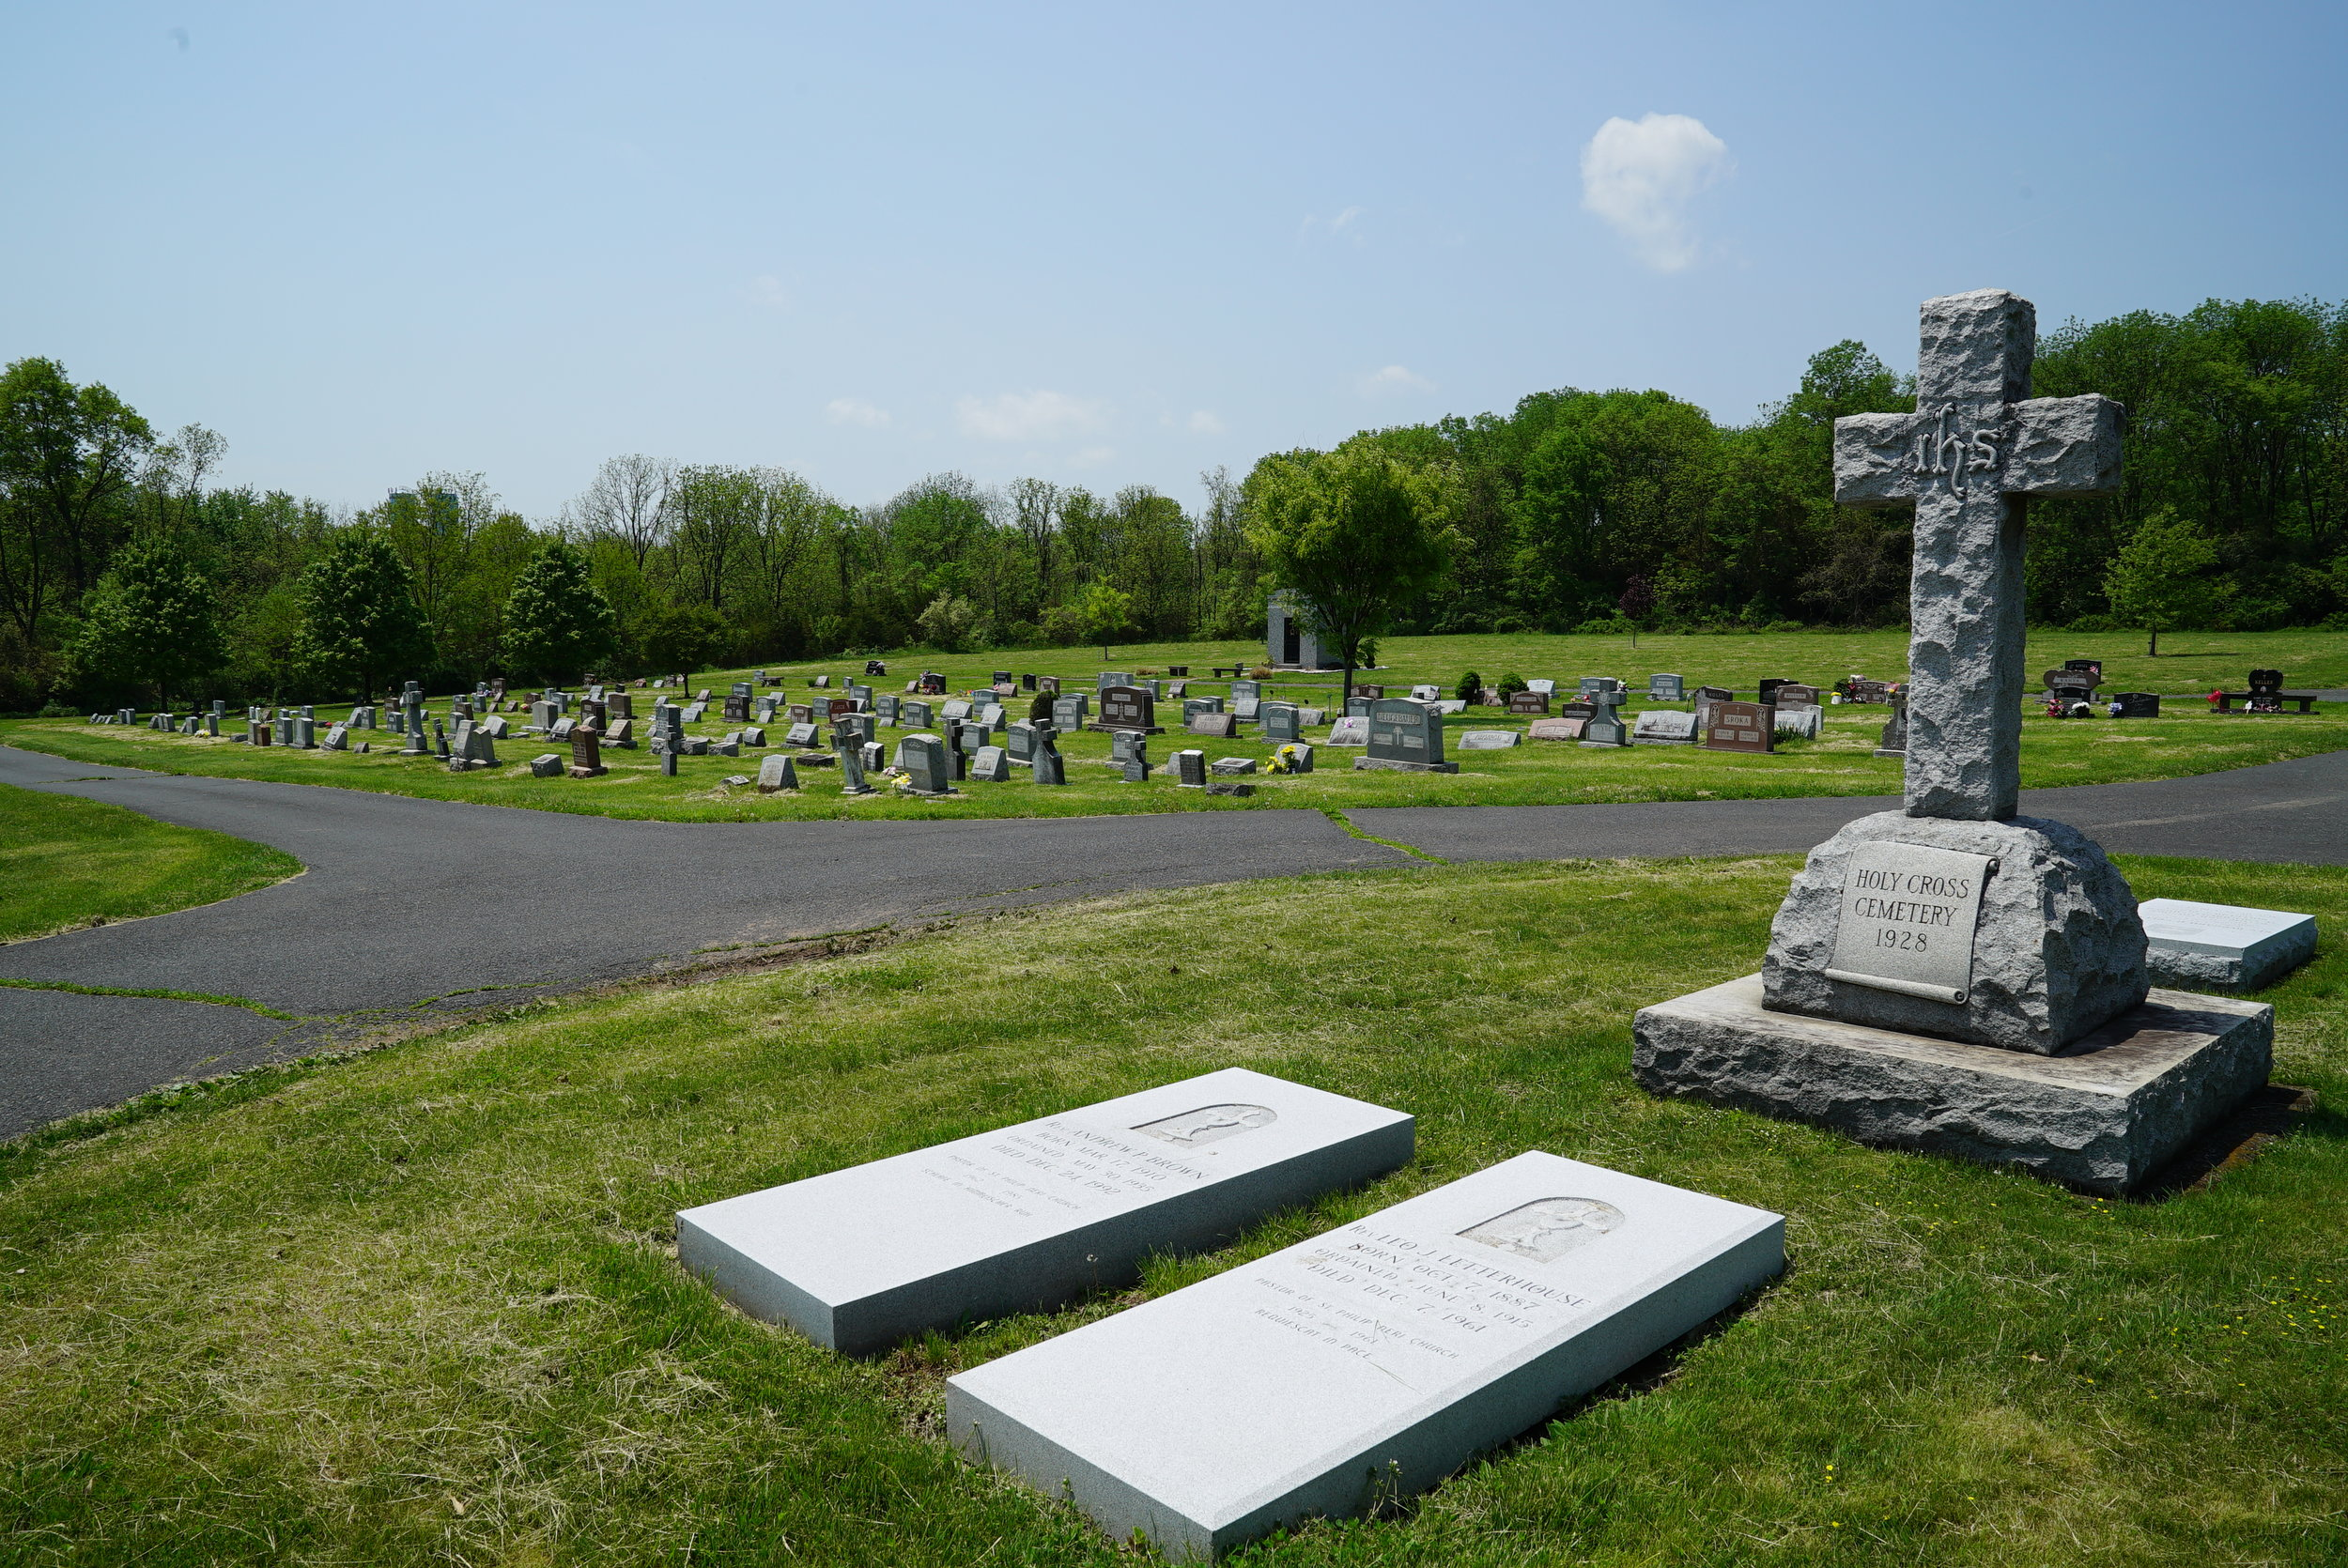 Holy Cross Cemetery - Pennsburg, Pnnsylvania.